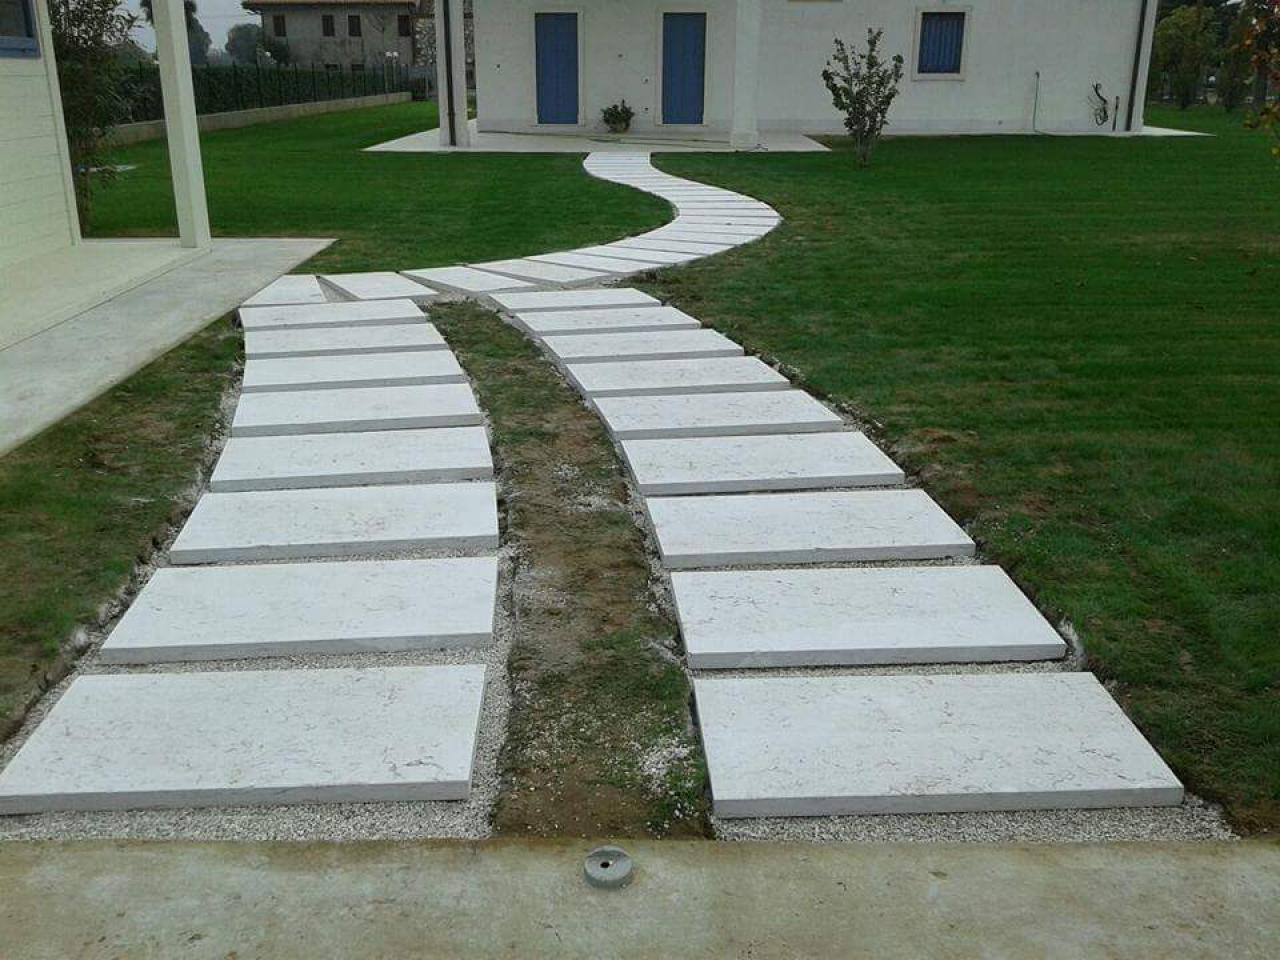 Pietra lessinia o prun vialetto in giardino realizzato da for Soluzioni x giardino